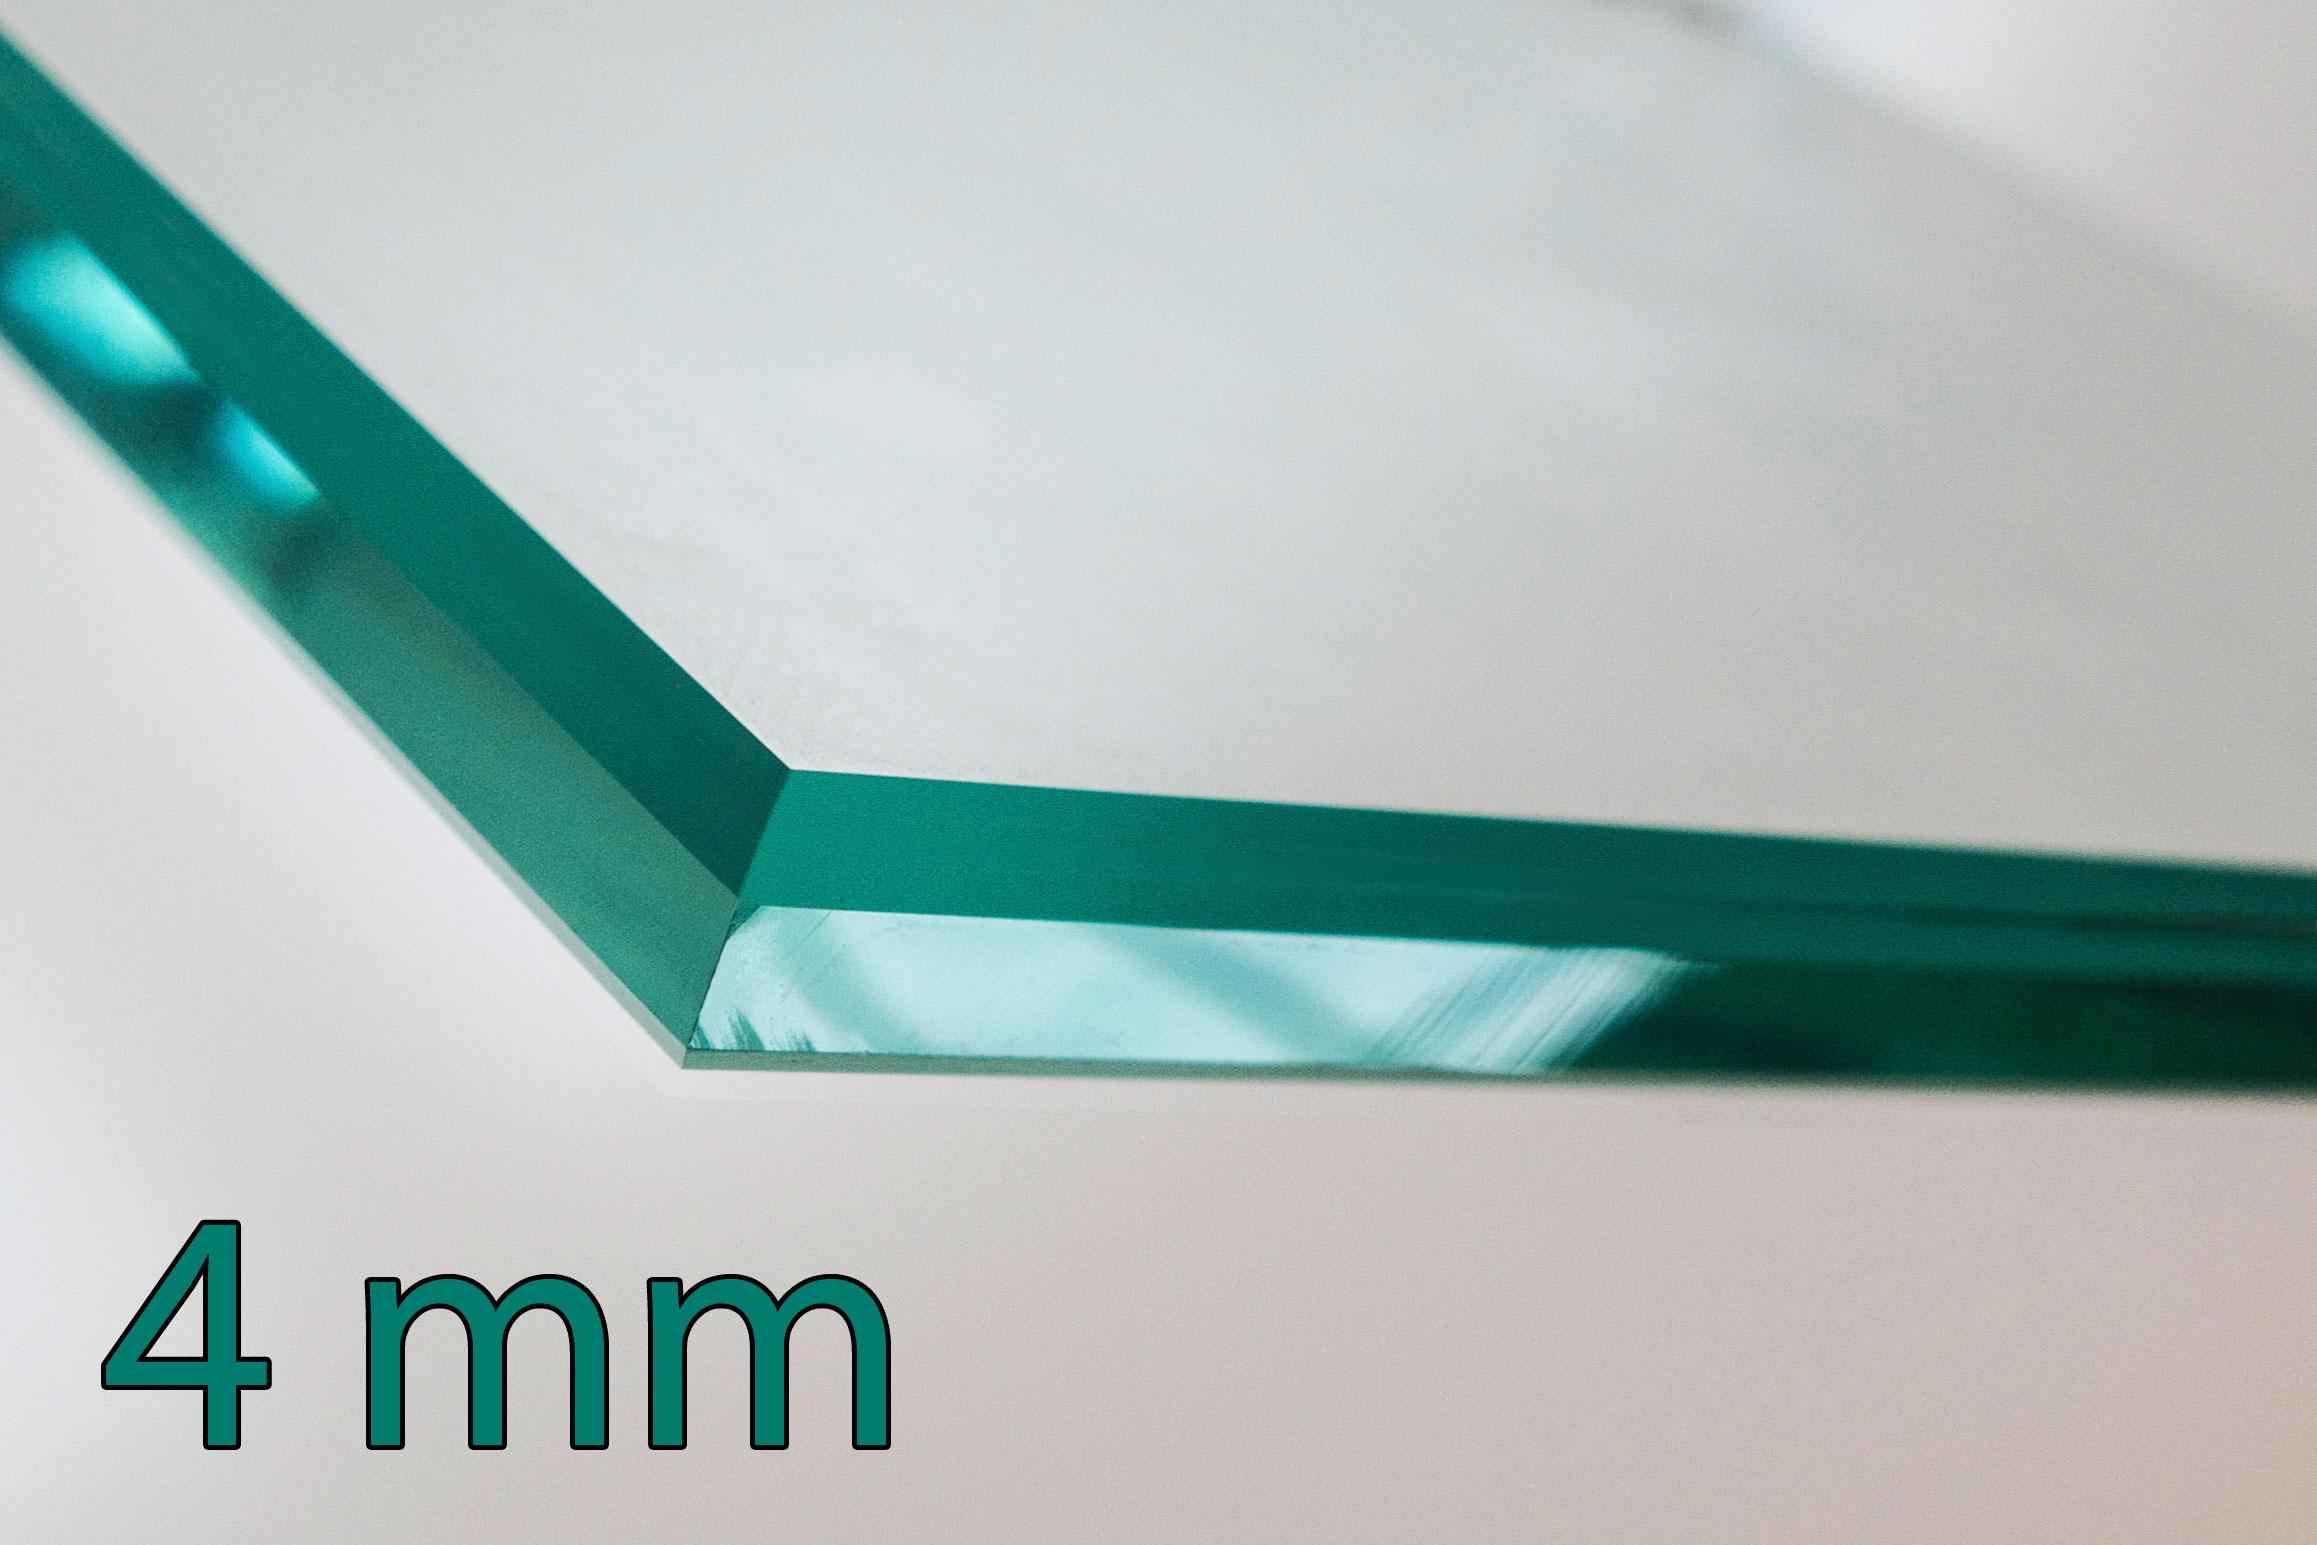 esg glasplatte aus sicherheitsglas 4mm im zuschnitt auf wunschma esg glas. Black Bedroom Furniture Sets. Home Design Ideas